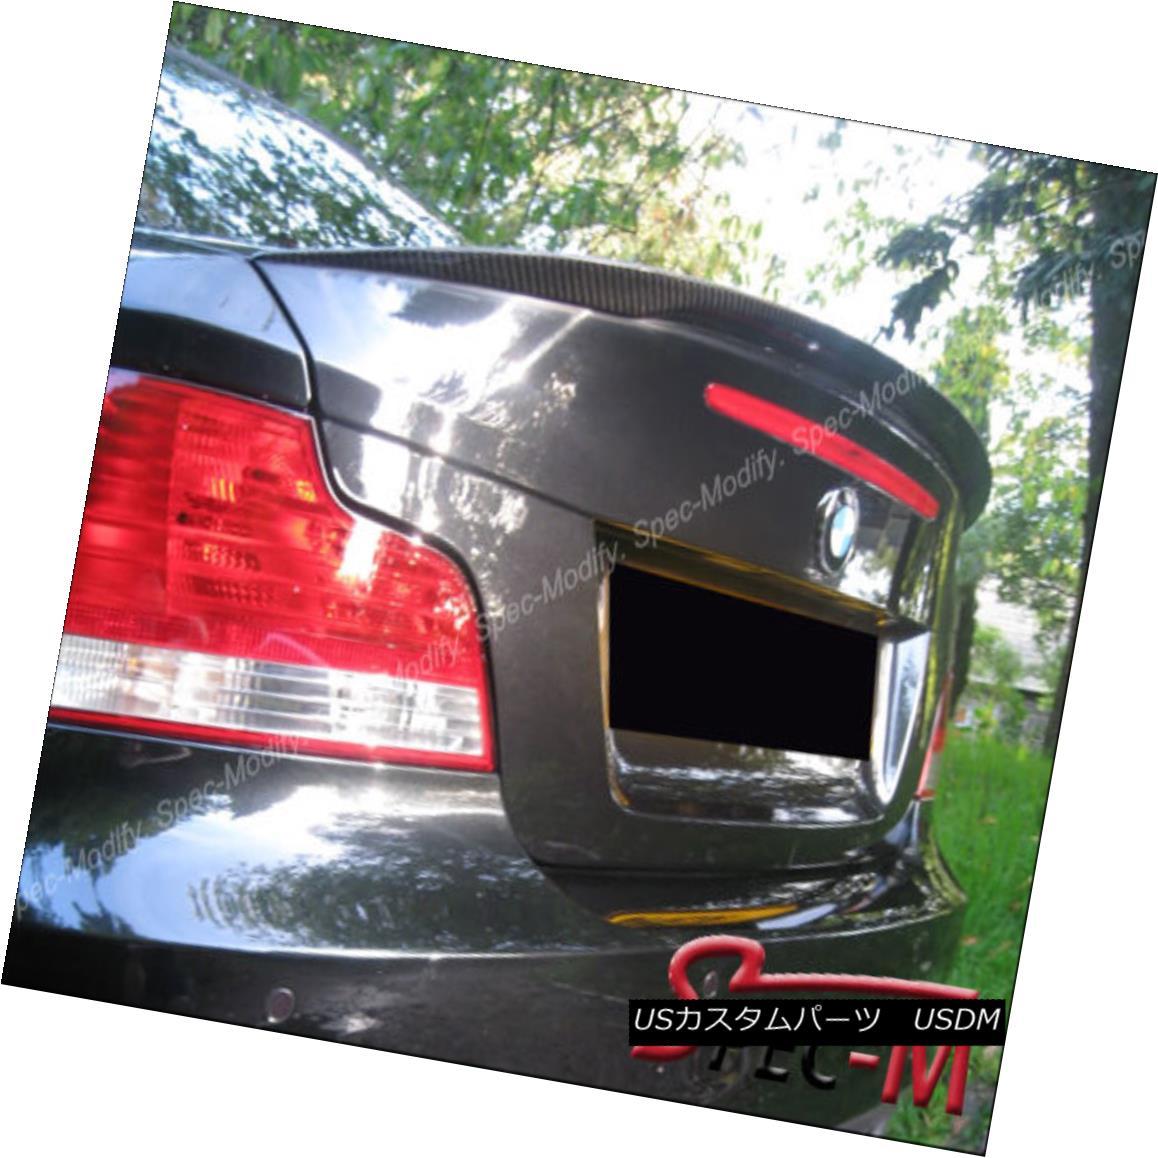 車用品 バイク用品 >> パーツ 外装 エアロパーツ その他 Carbon Fiber Performance Trunk Wing Coupe 超激安 正規認証品!新規格 128i 1Mクーペ E82用炭素繊維性能トランクウイングスポイラー118i 118i 135i E82 For Spoiler 1M BMW